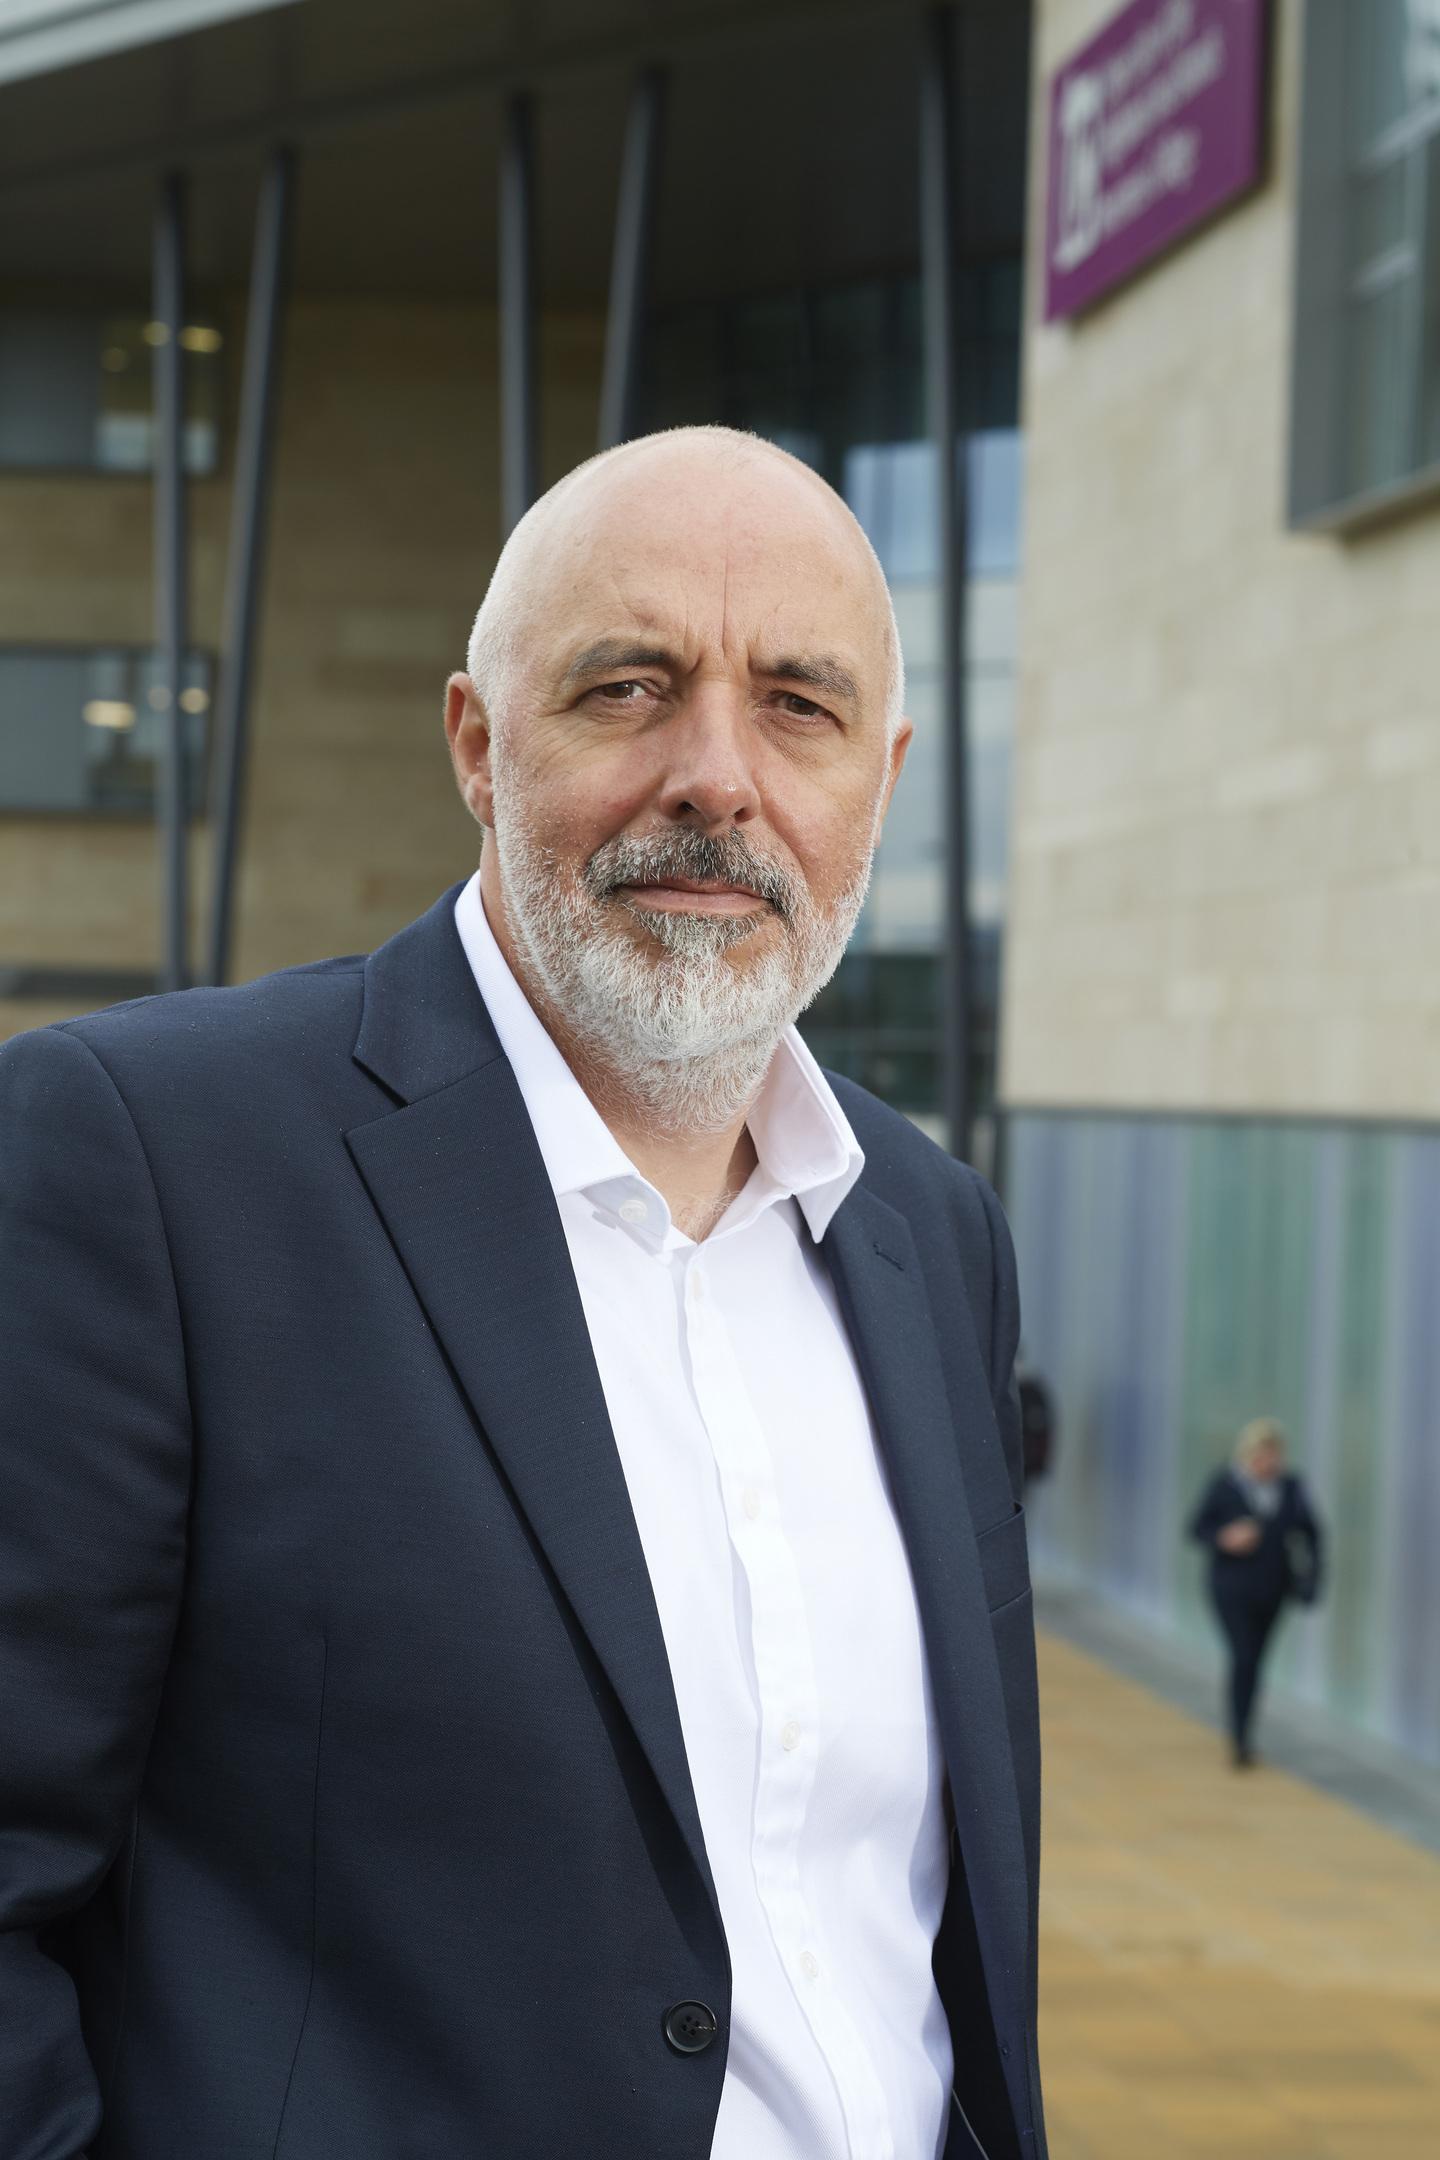 Professor Chris O'Neil, principal of Inverness College UHI